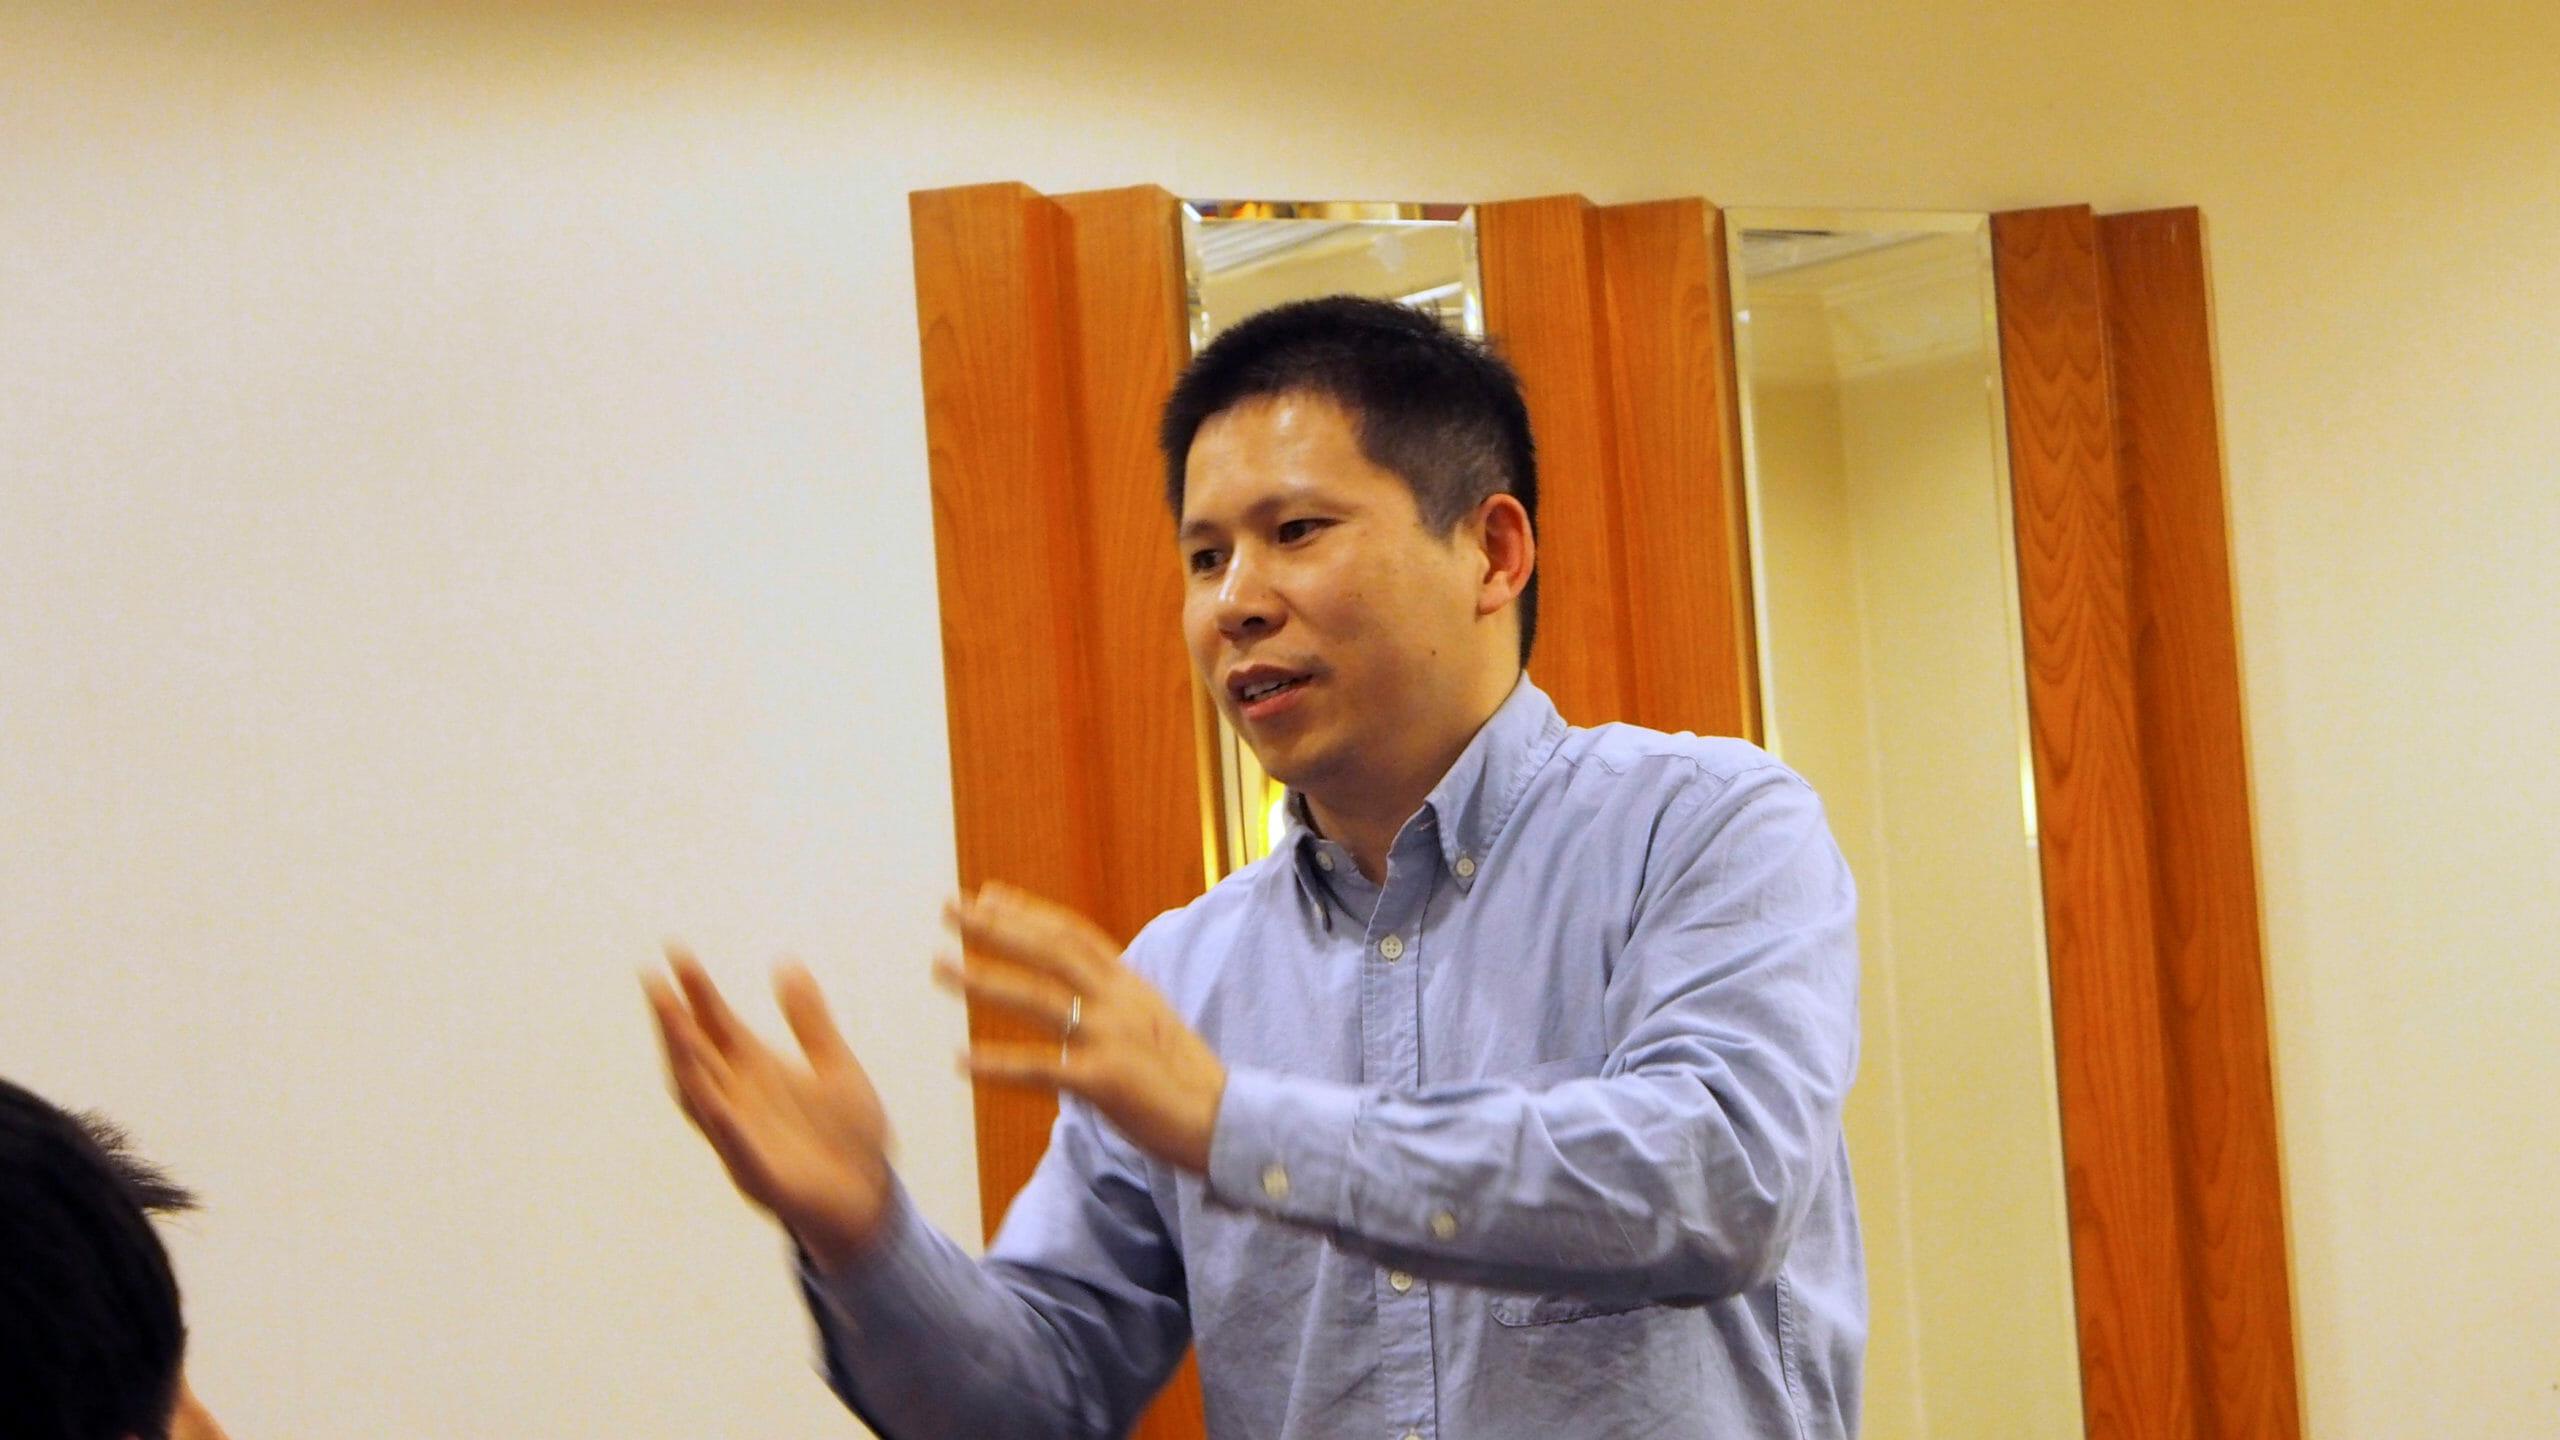 Κοροναϊός: Στην φυλακή διάσημος Κινέζος ακτιβιστής